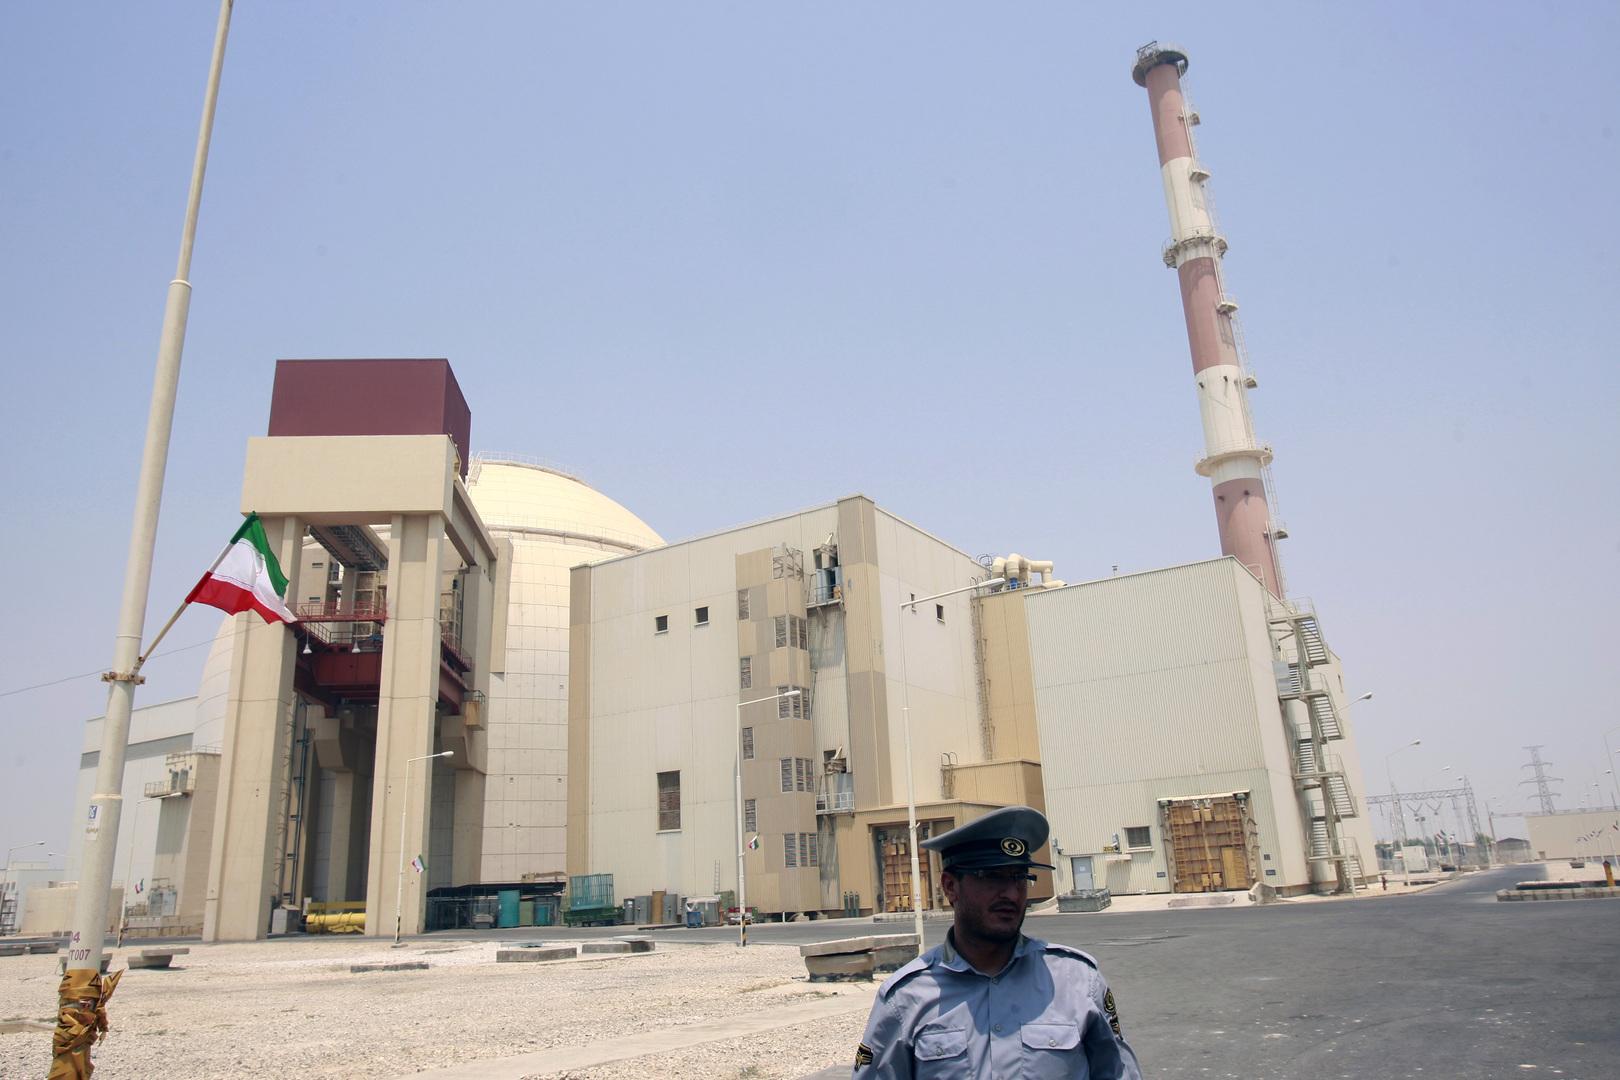 مفاعل بوشهر النووي، صورة تعبيرية